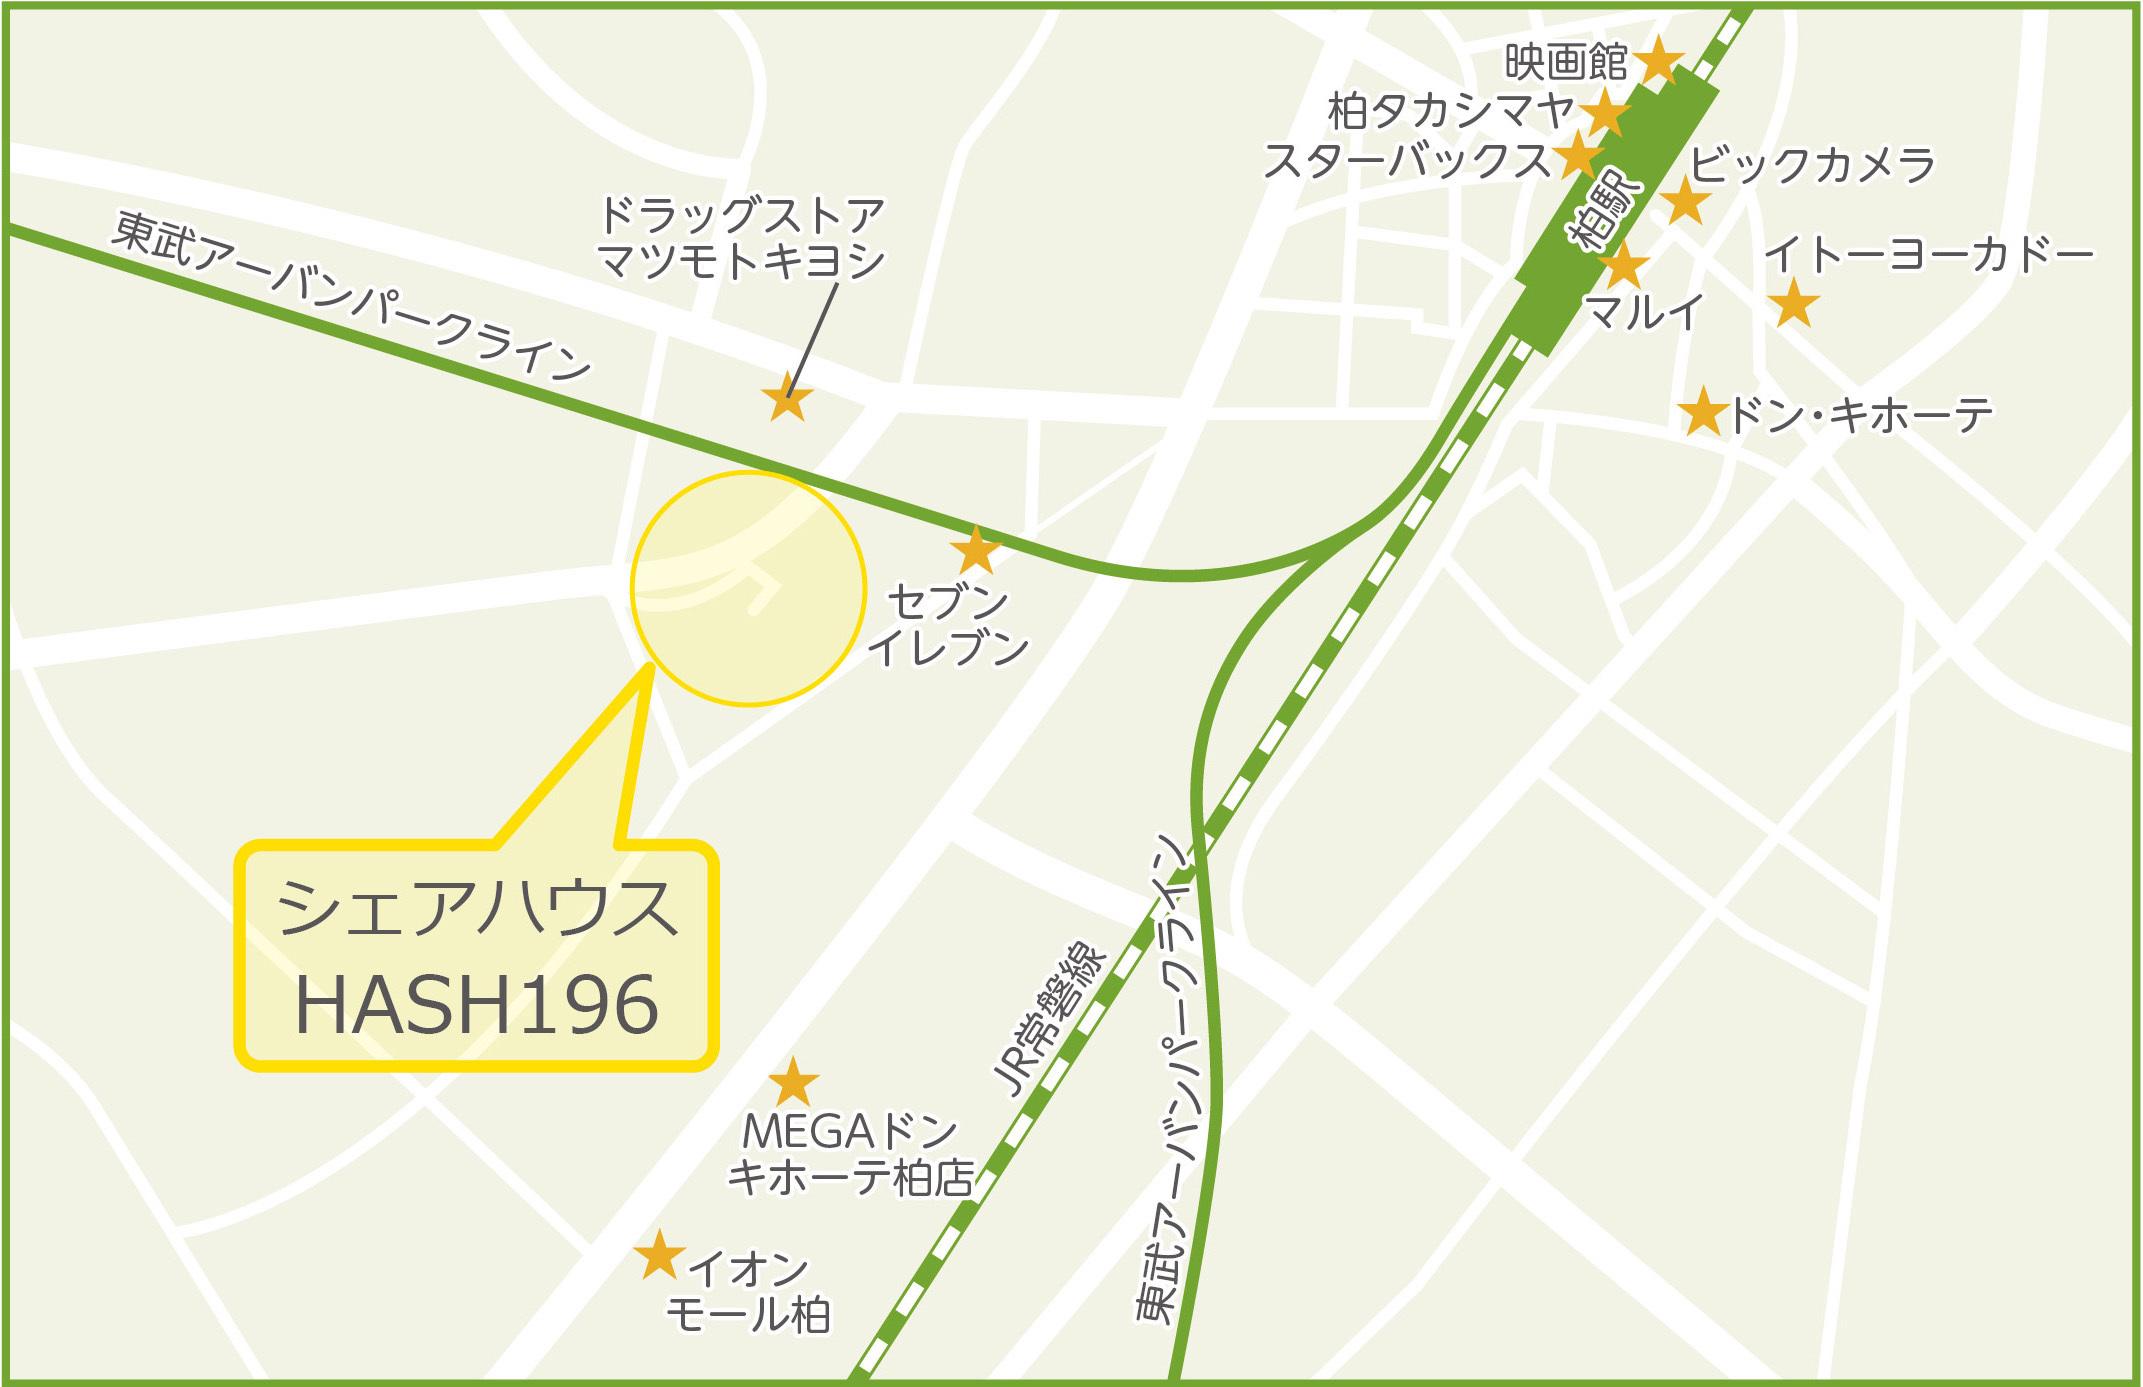 sheahouse-hitotoki-chizu-2